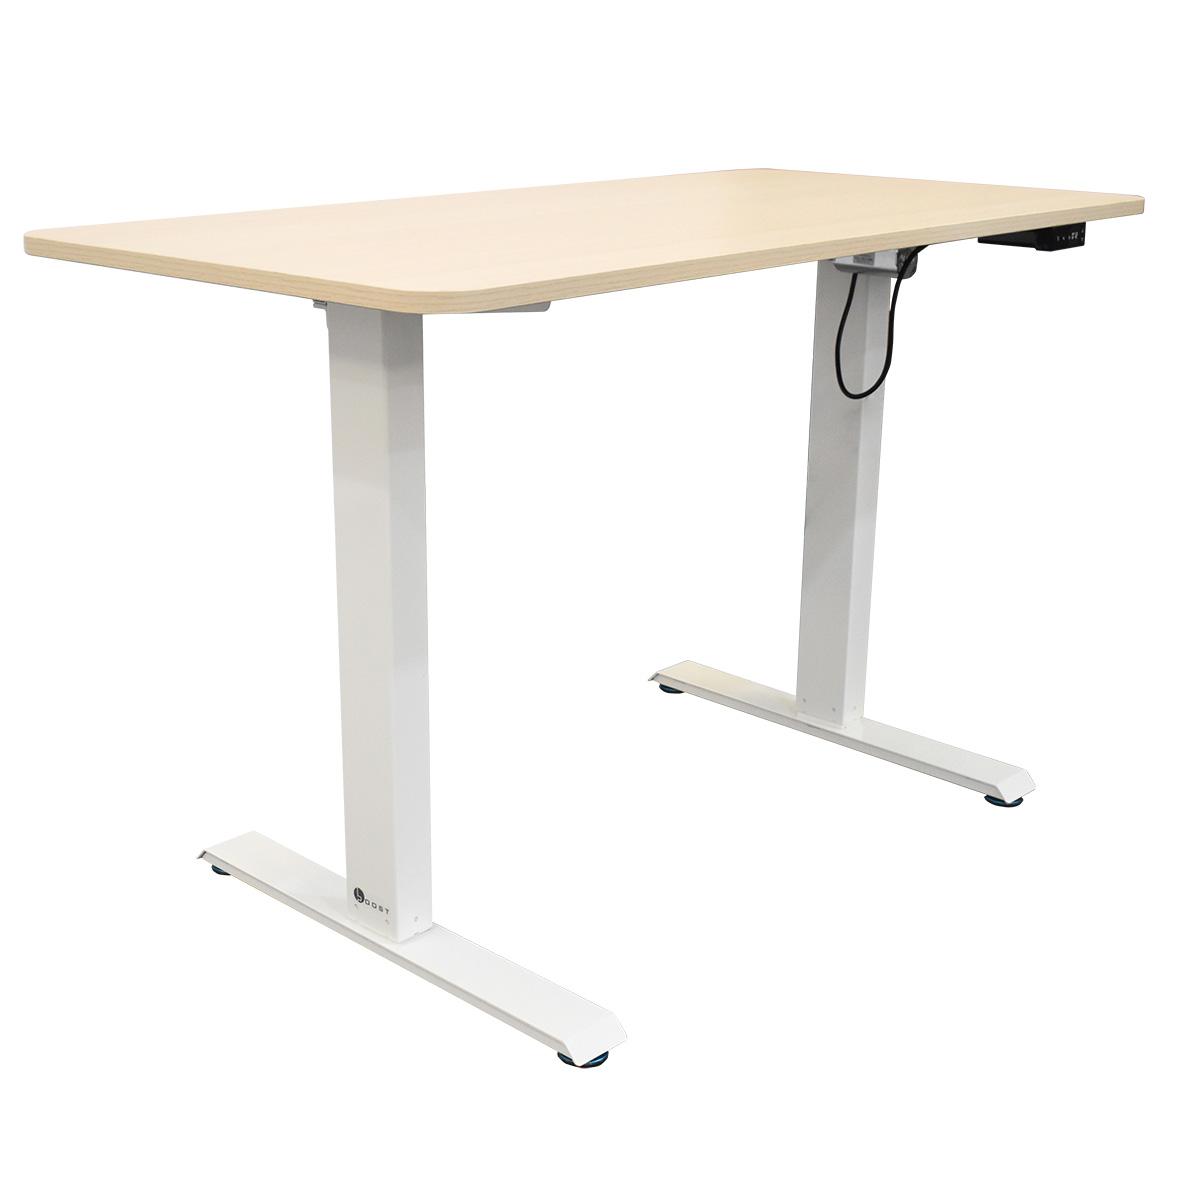 FS-MD47-LWD Light Wood Motorized Office Desk